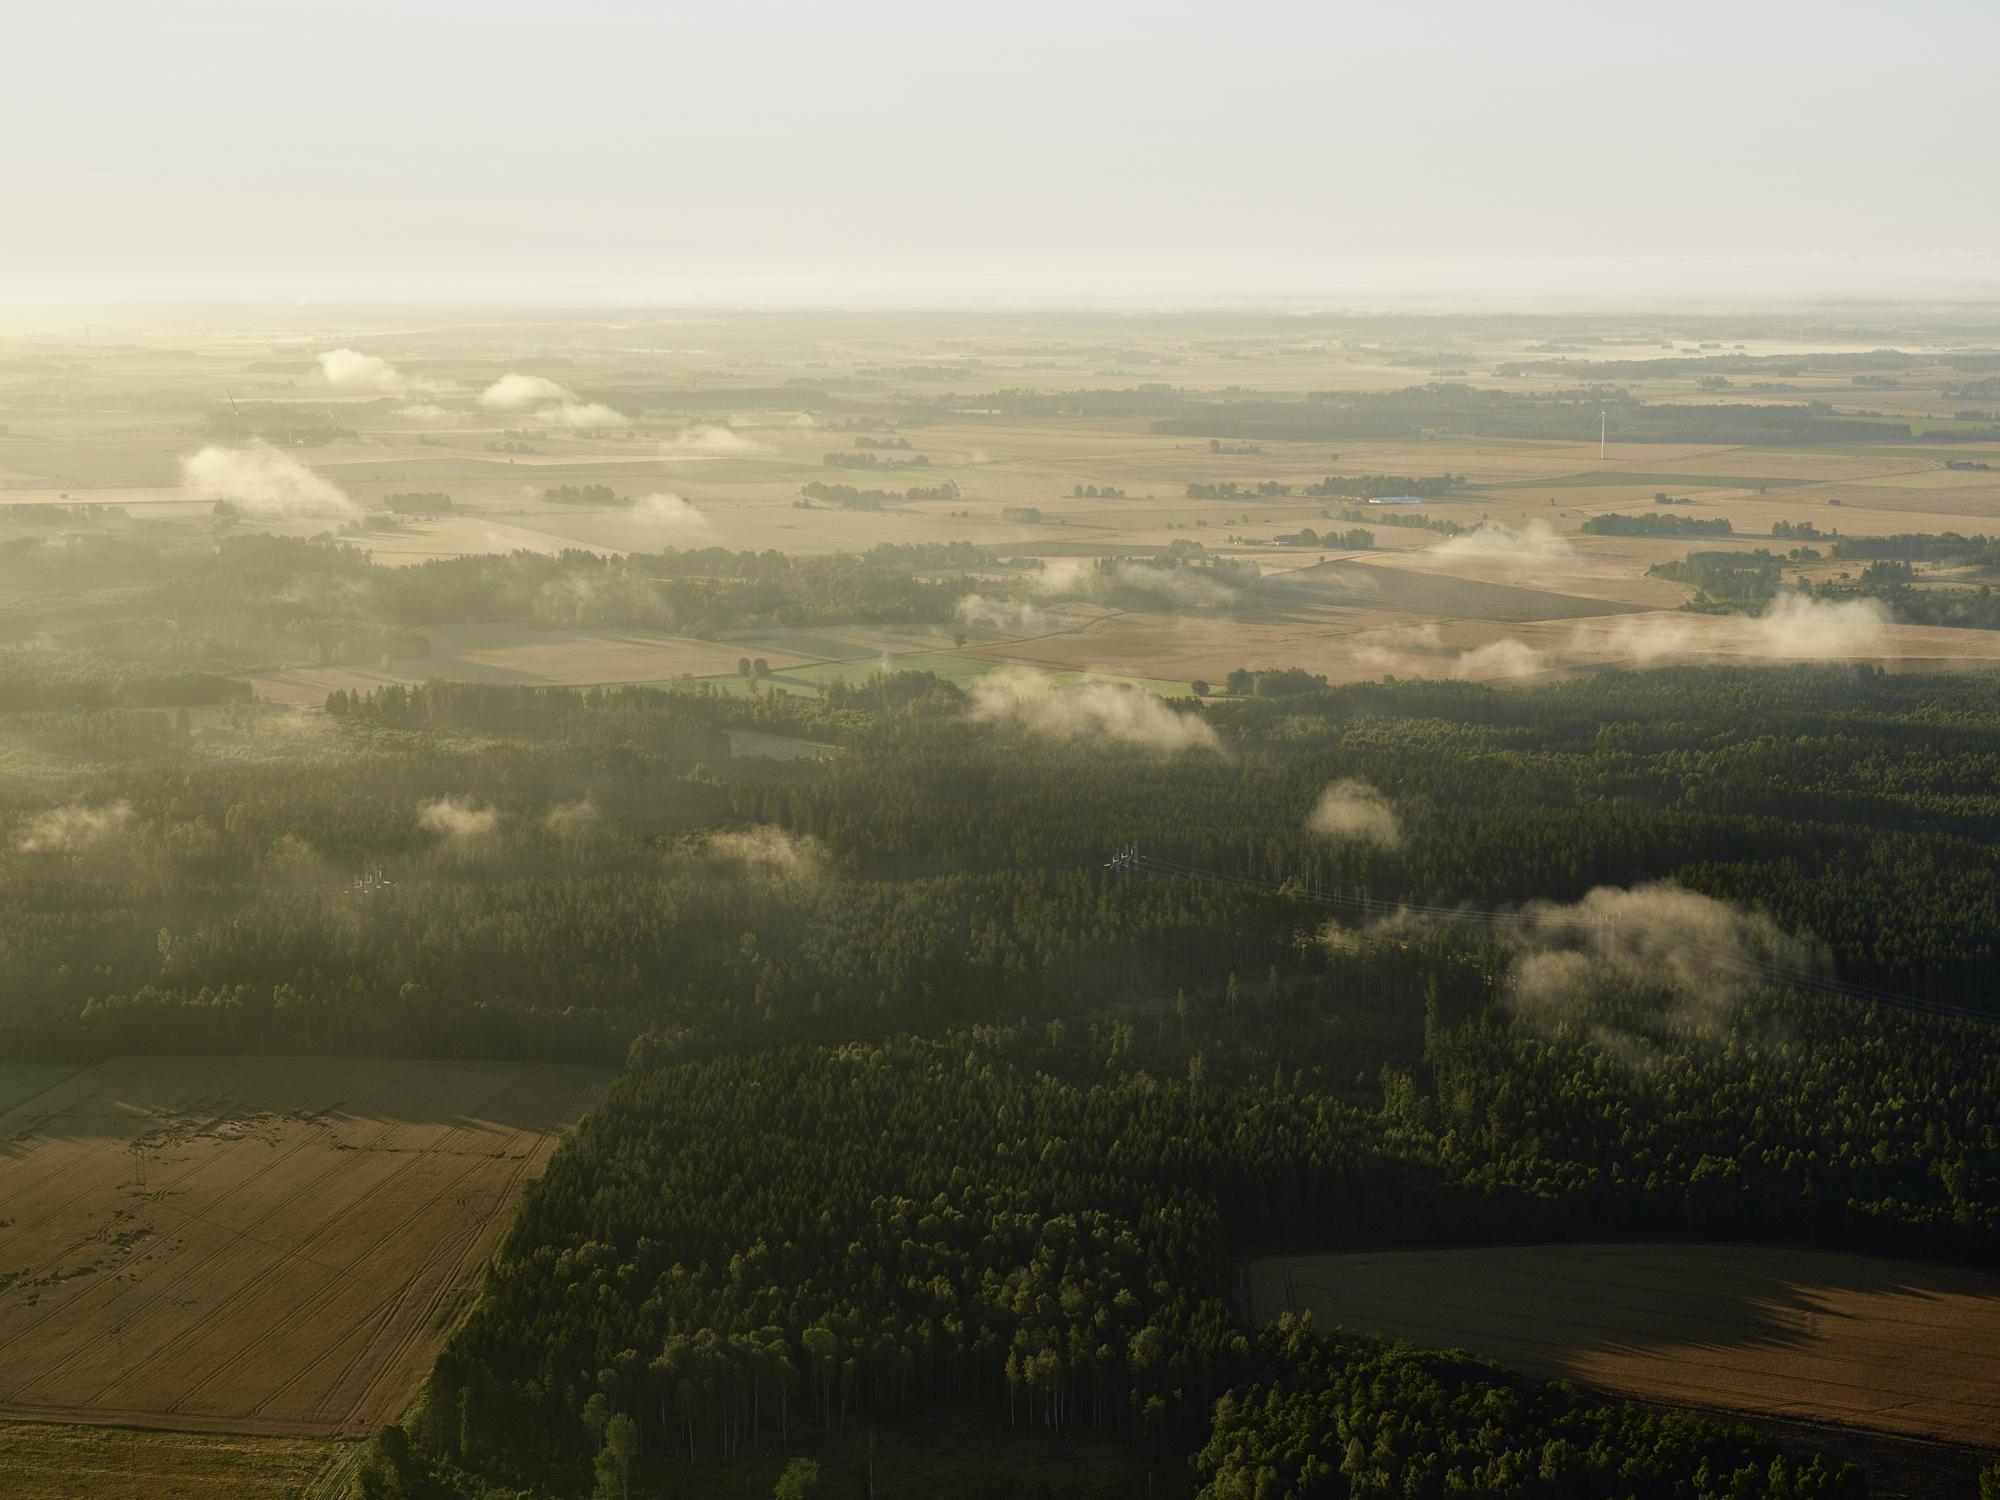 Landshypotek-Ostergotland-479.jpg